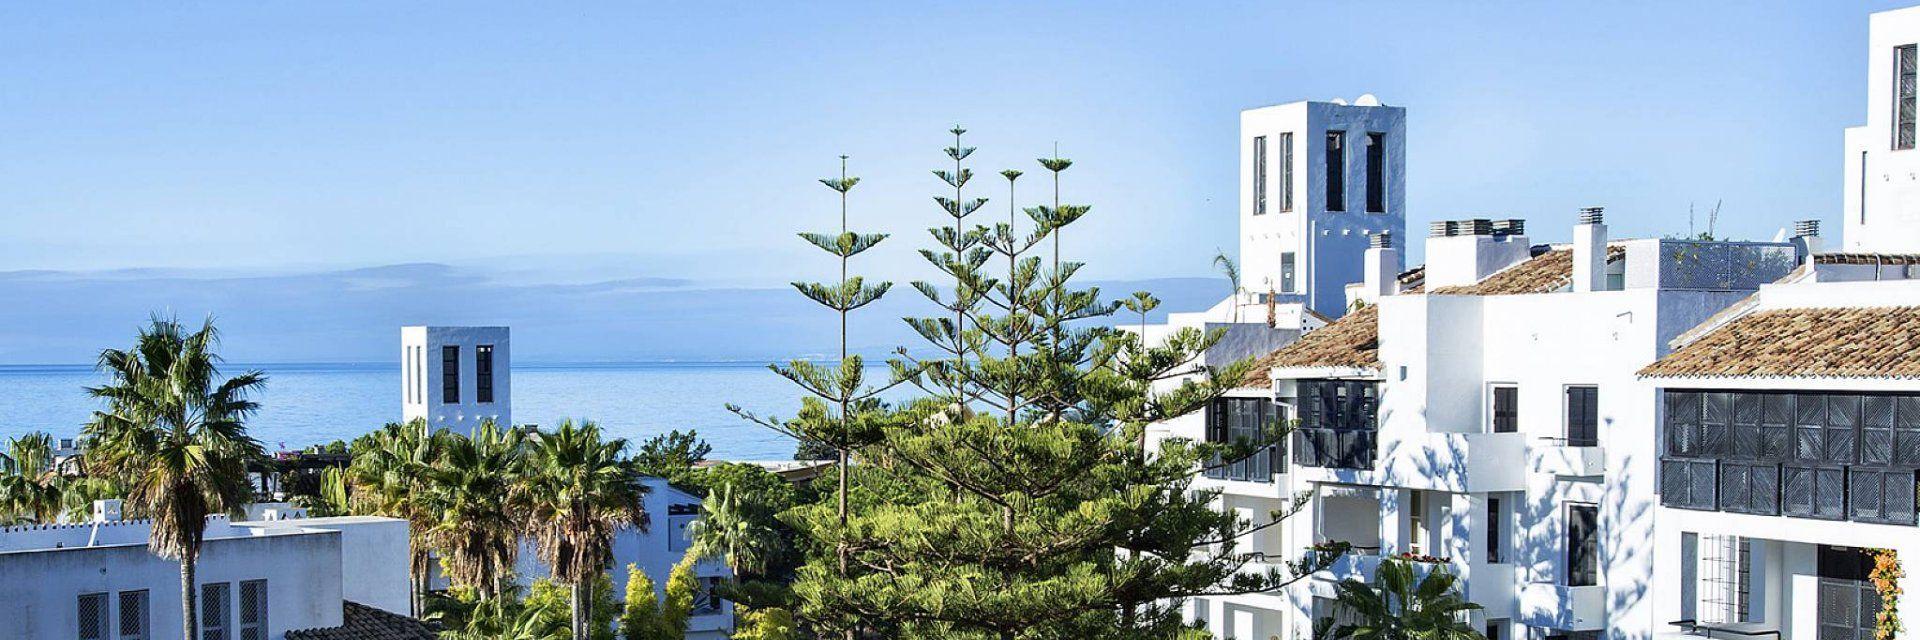 Long s jour sur la costa del sol en appart 39 h tel 4 for Appart hotel long sejour bordeaux